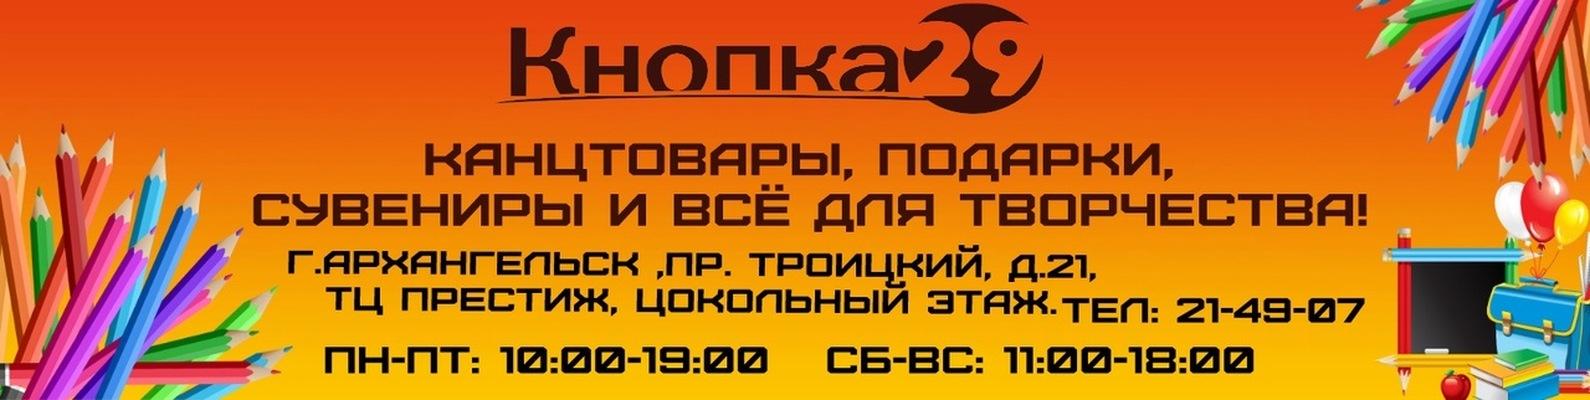 8e45c1e2c7cc Канцелярские товары Кнопка29   ВКонтакте